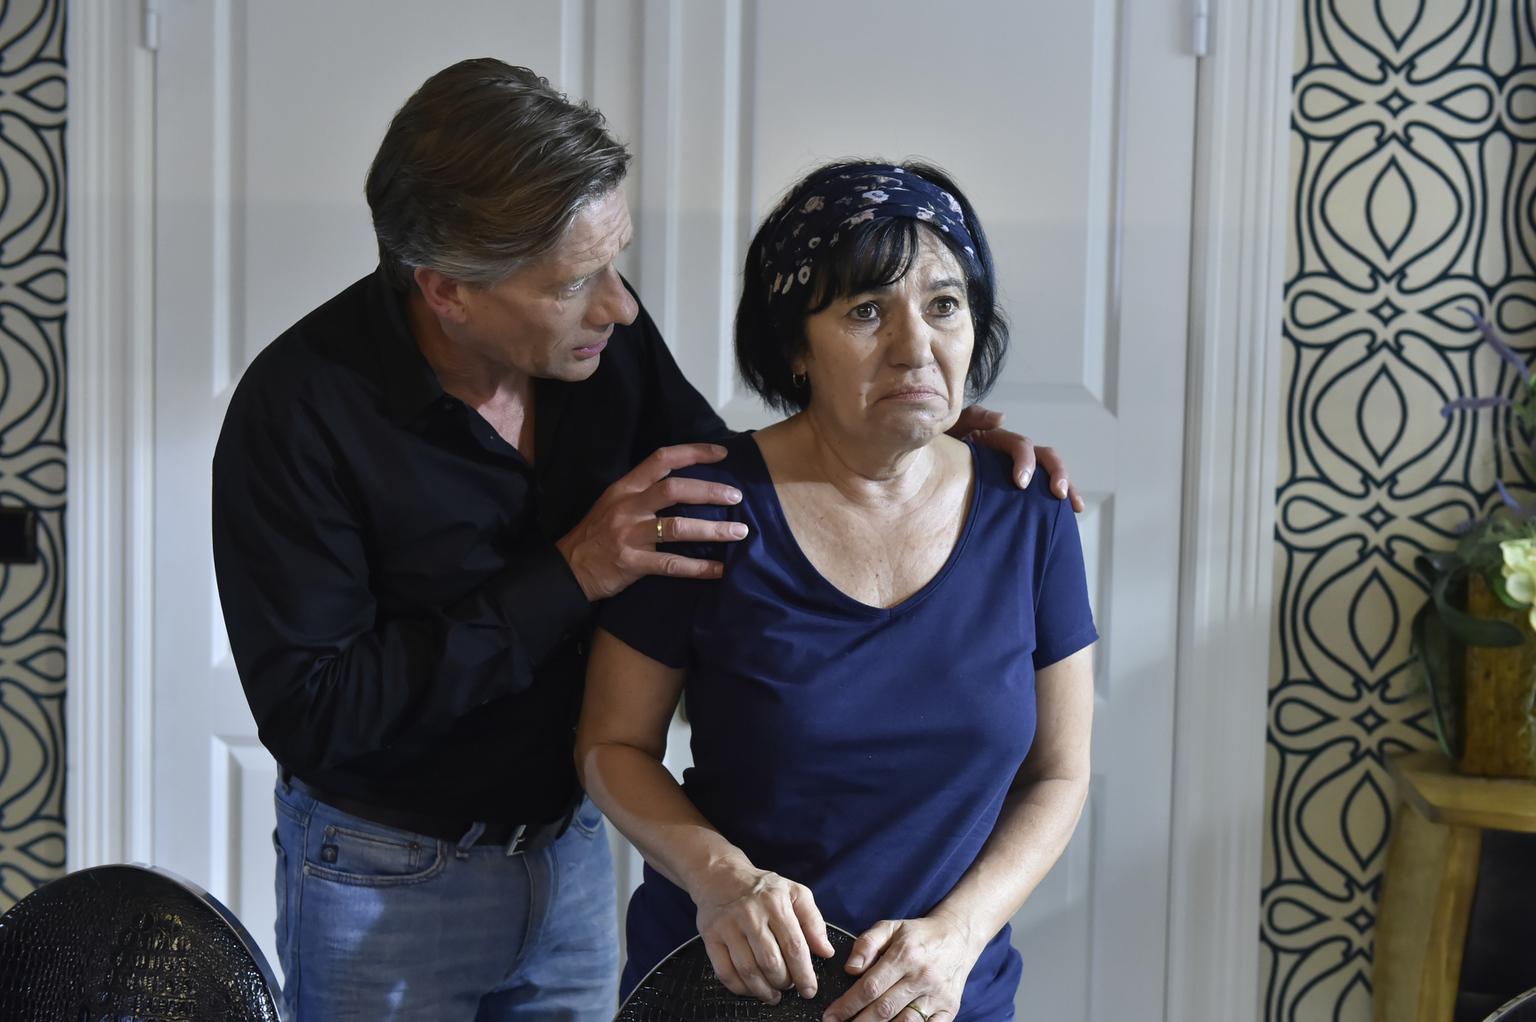 Während Theresa eine Liebeserklärung von ihrer Daueraffäre erhält, versucht Hendrik (Stephan Baumecker, l.) Gül (Özay Fecht, r.) zu trösten, nachdem sie von Felicitas gekündigt wurde ... (Quelle: Sat1)